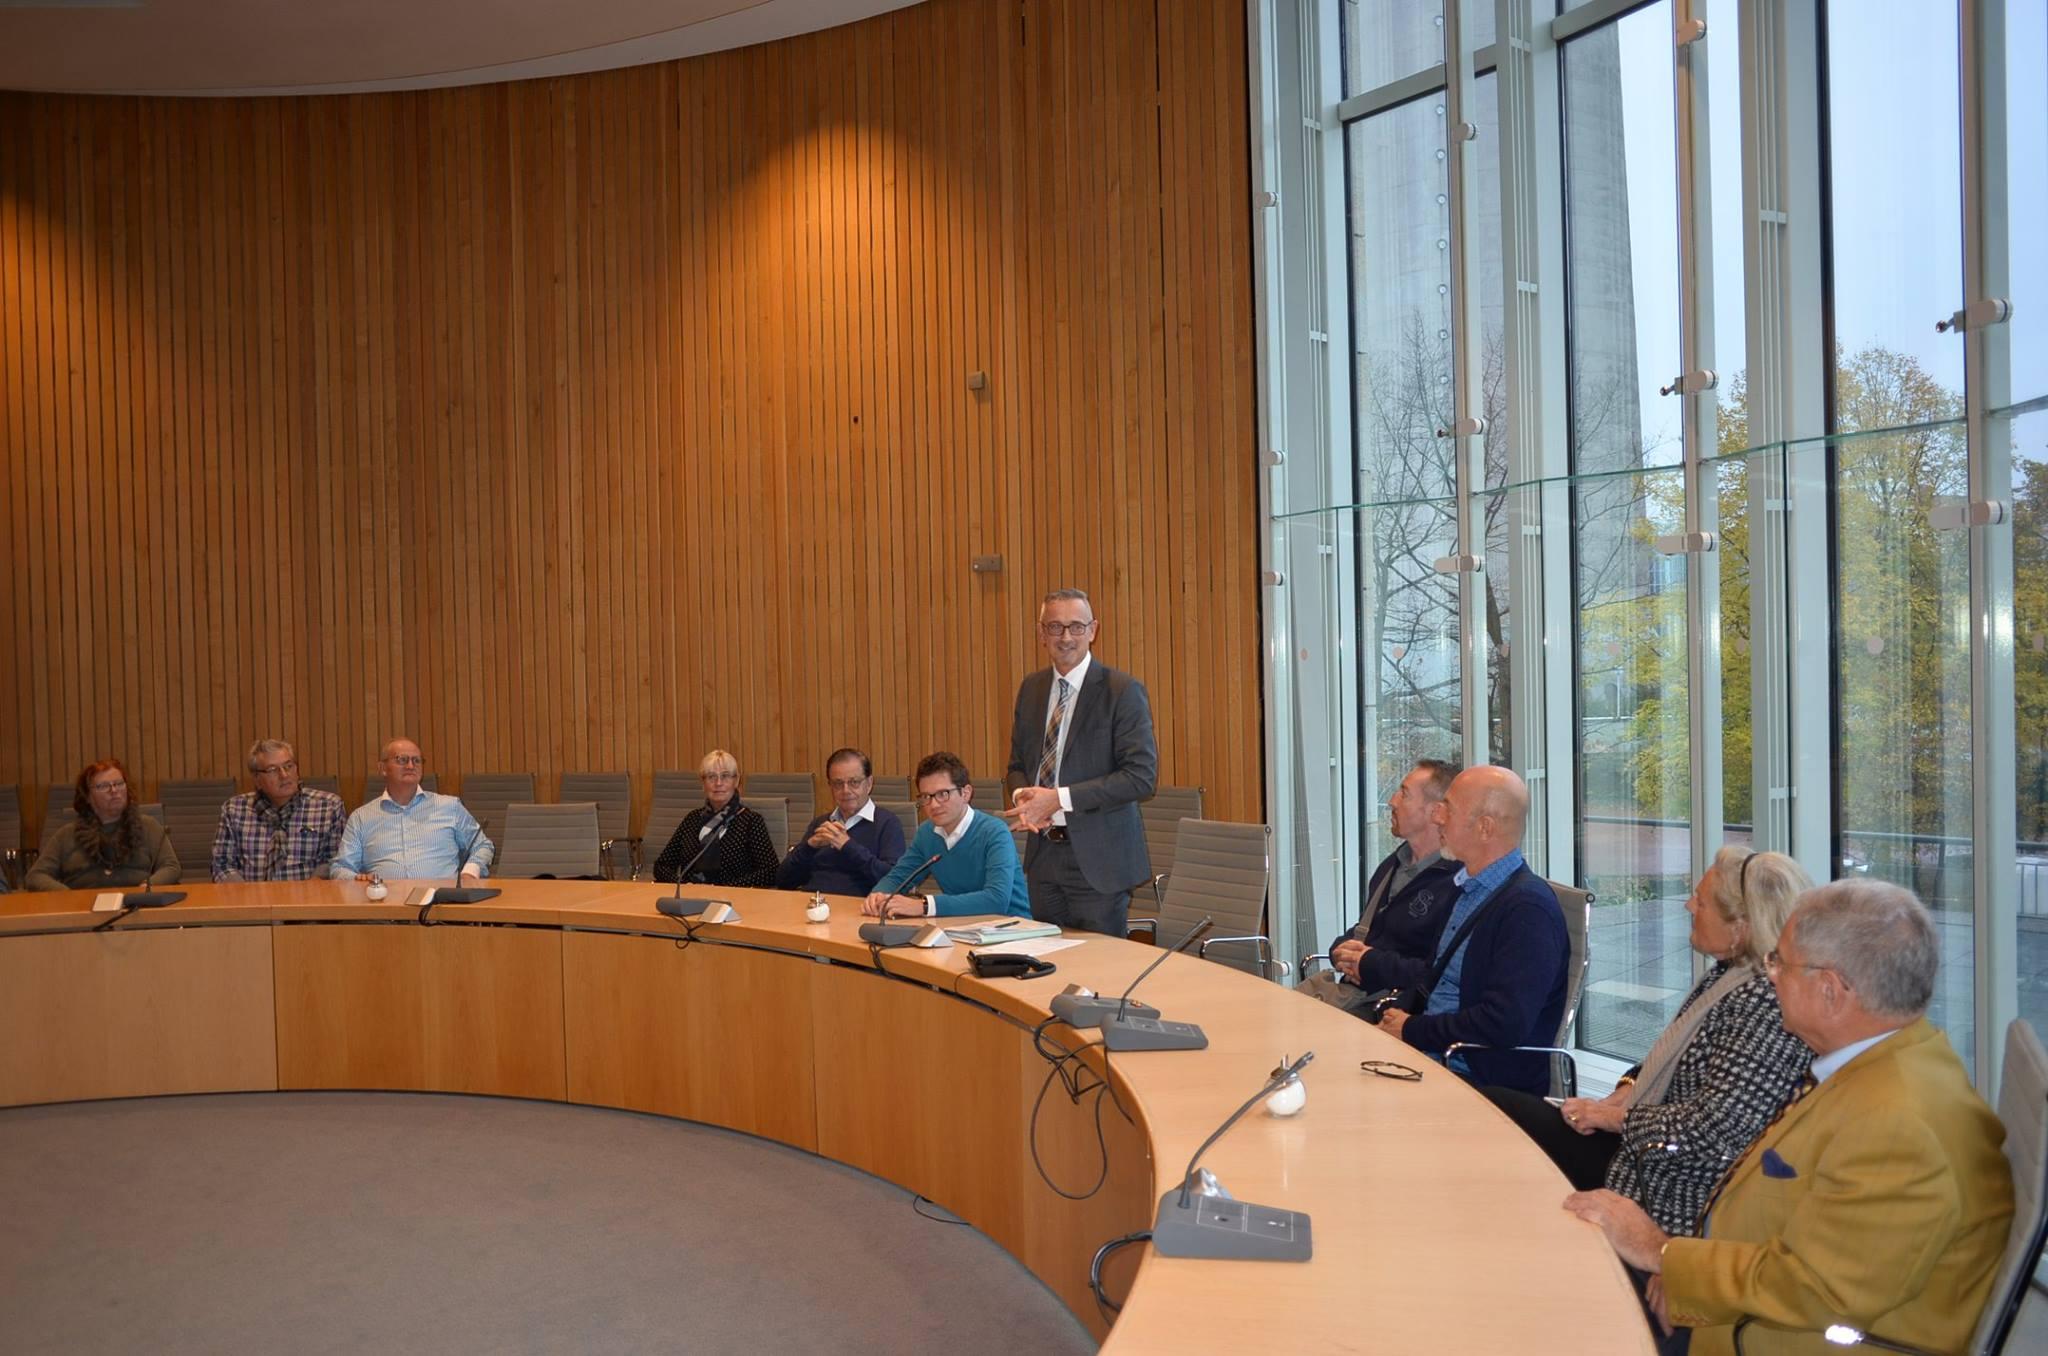 Diskussion mit Gästen im Landtag